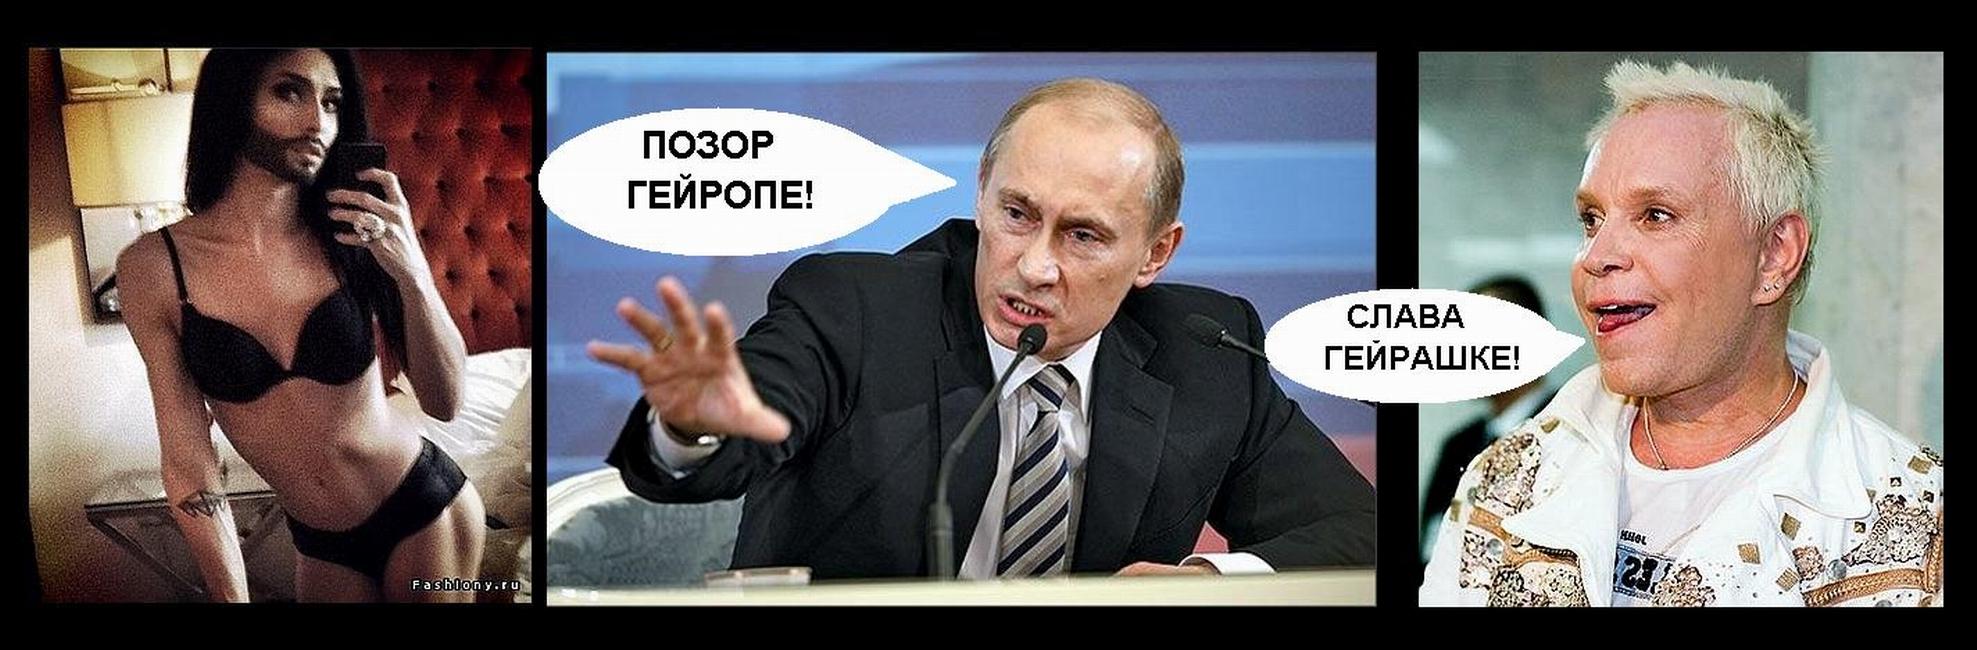 В Европарламенте призвали Россию выполнить минские соглашения - Цензор.НЕТ 9699